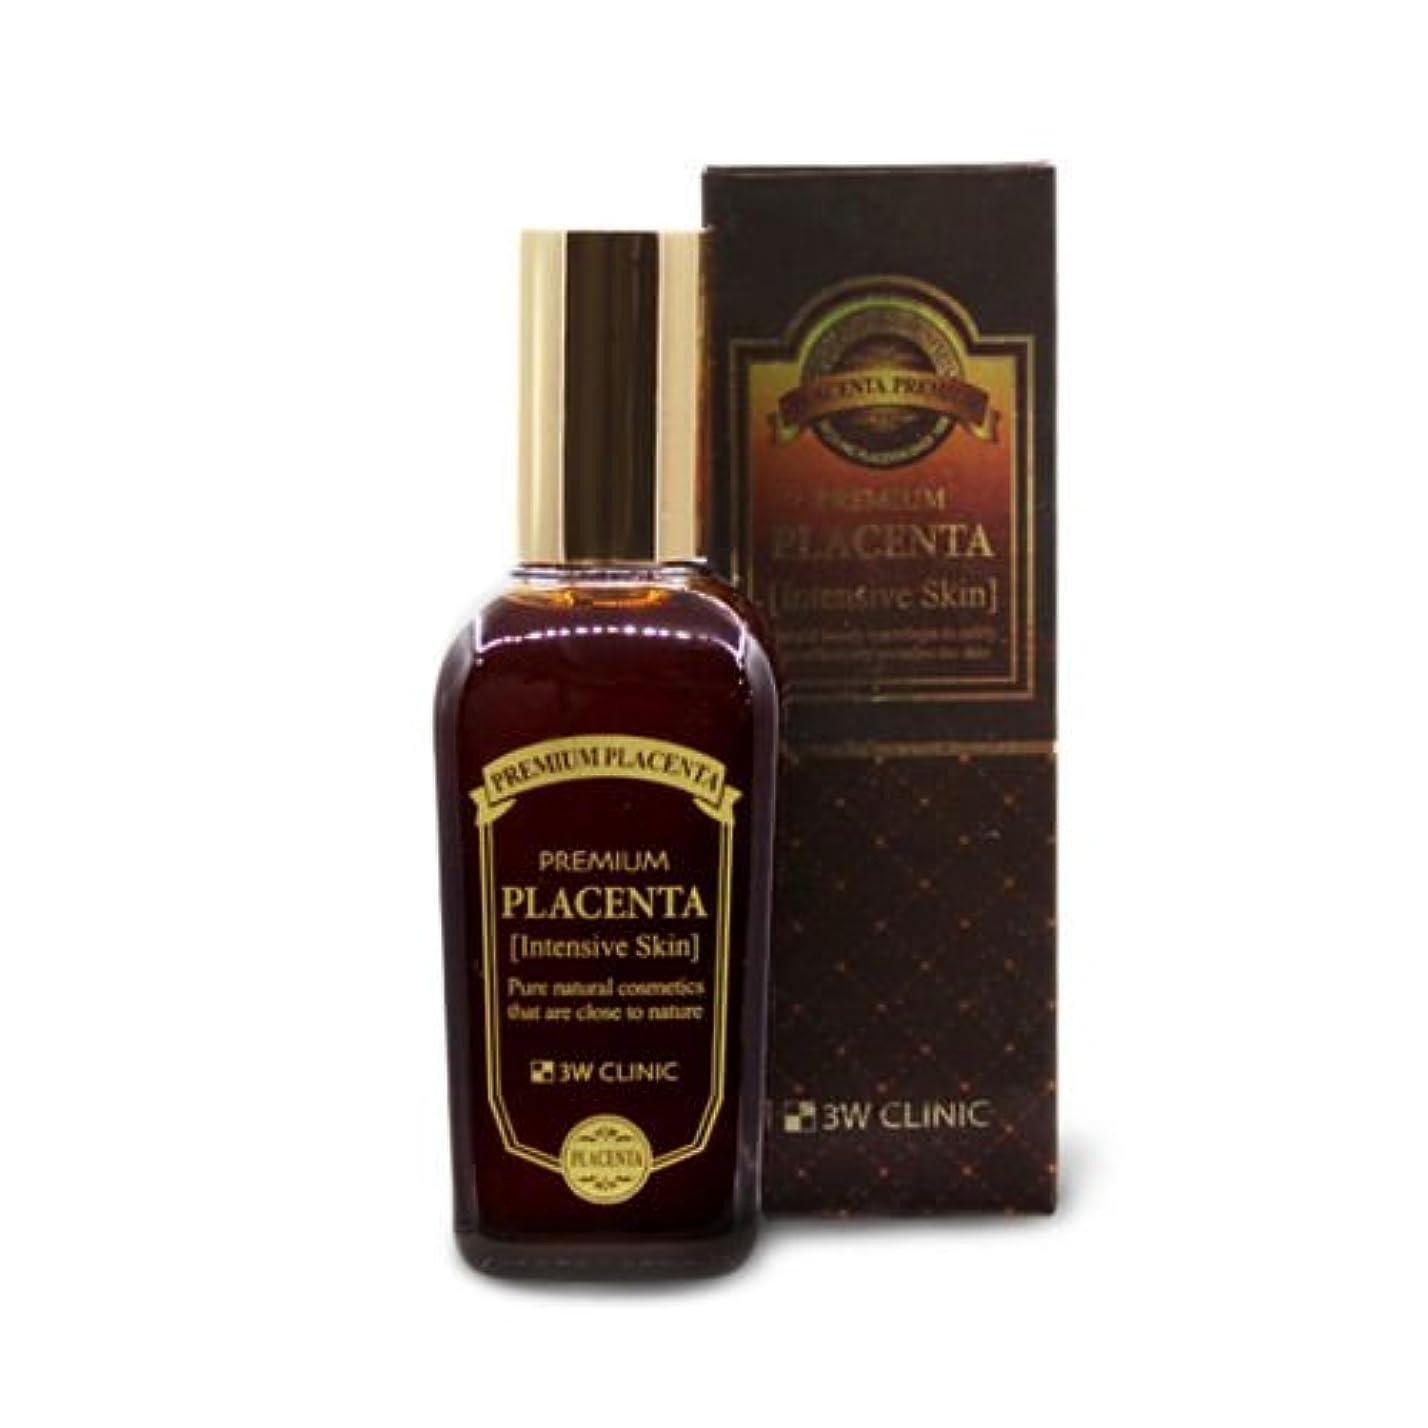 カラス憧れセッティング3Wクリニック[韓国コスメ3w Clinic]Premium Placenta Intensive Skin プレミアムプラセンタインテンシブスキン145ml[並行輸入品]